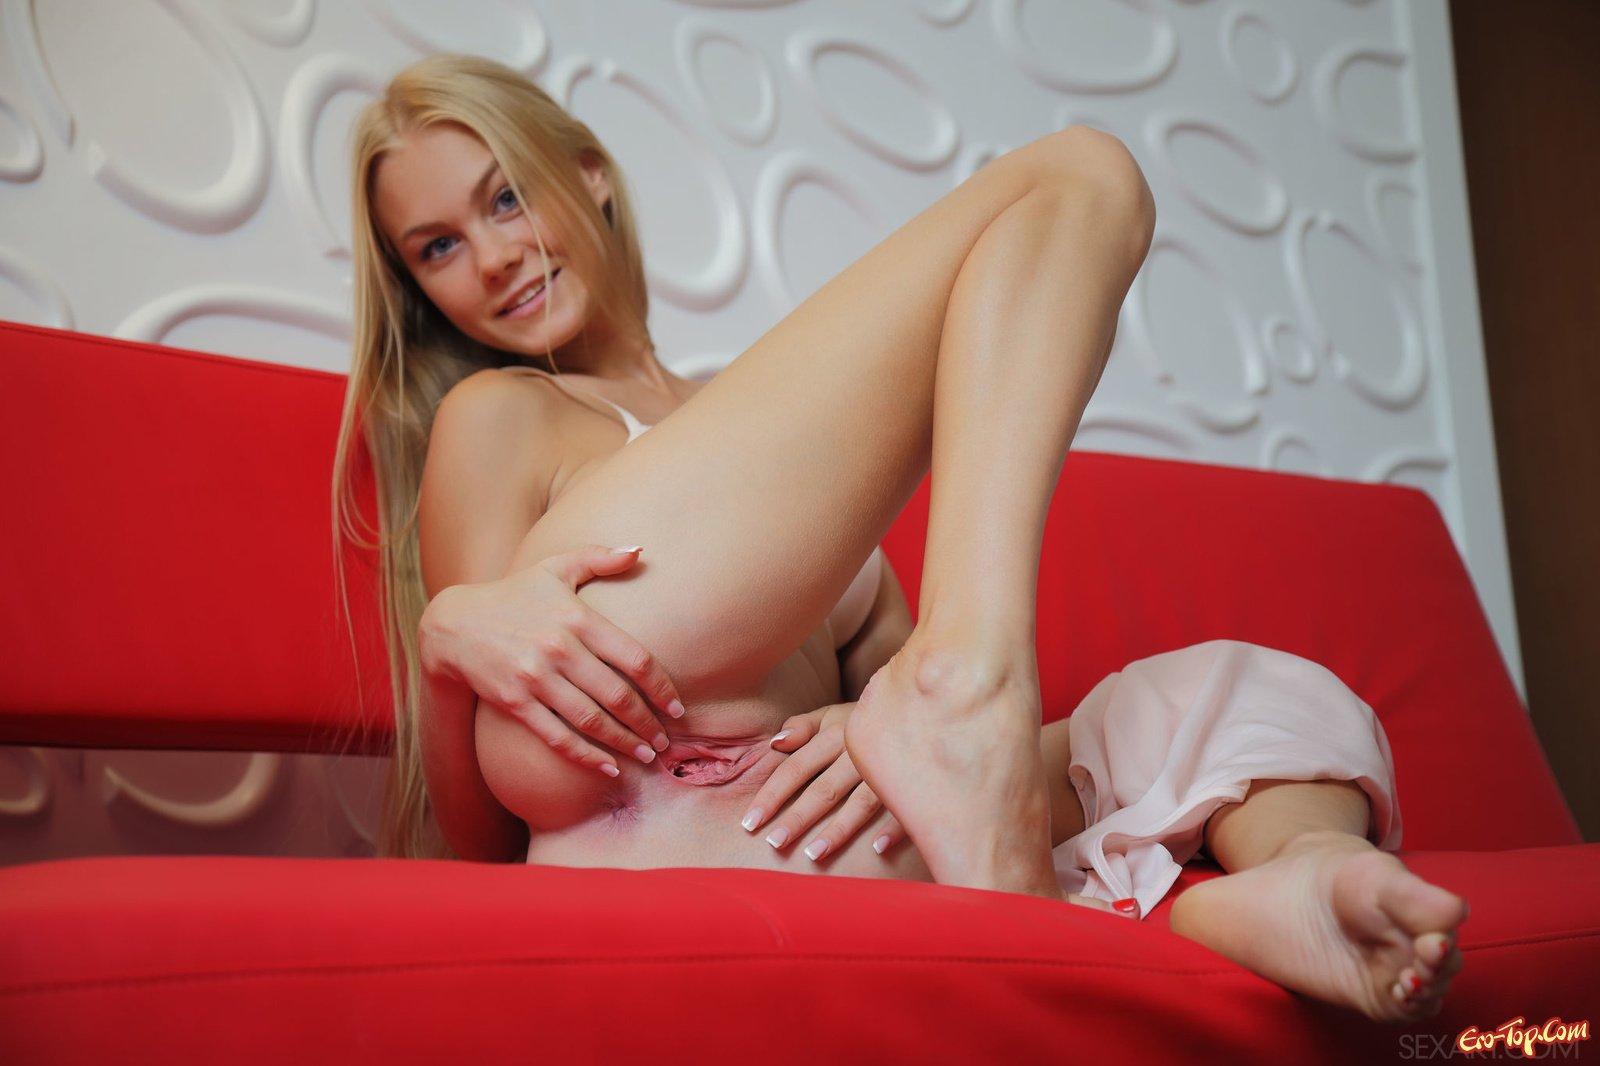 Горячая сучка с красивым бюстом порно